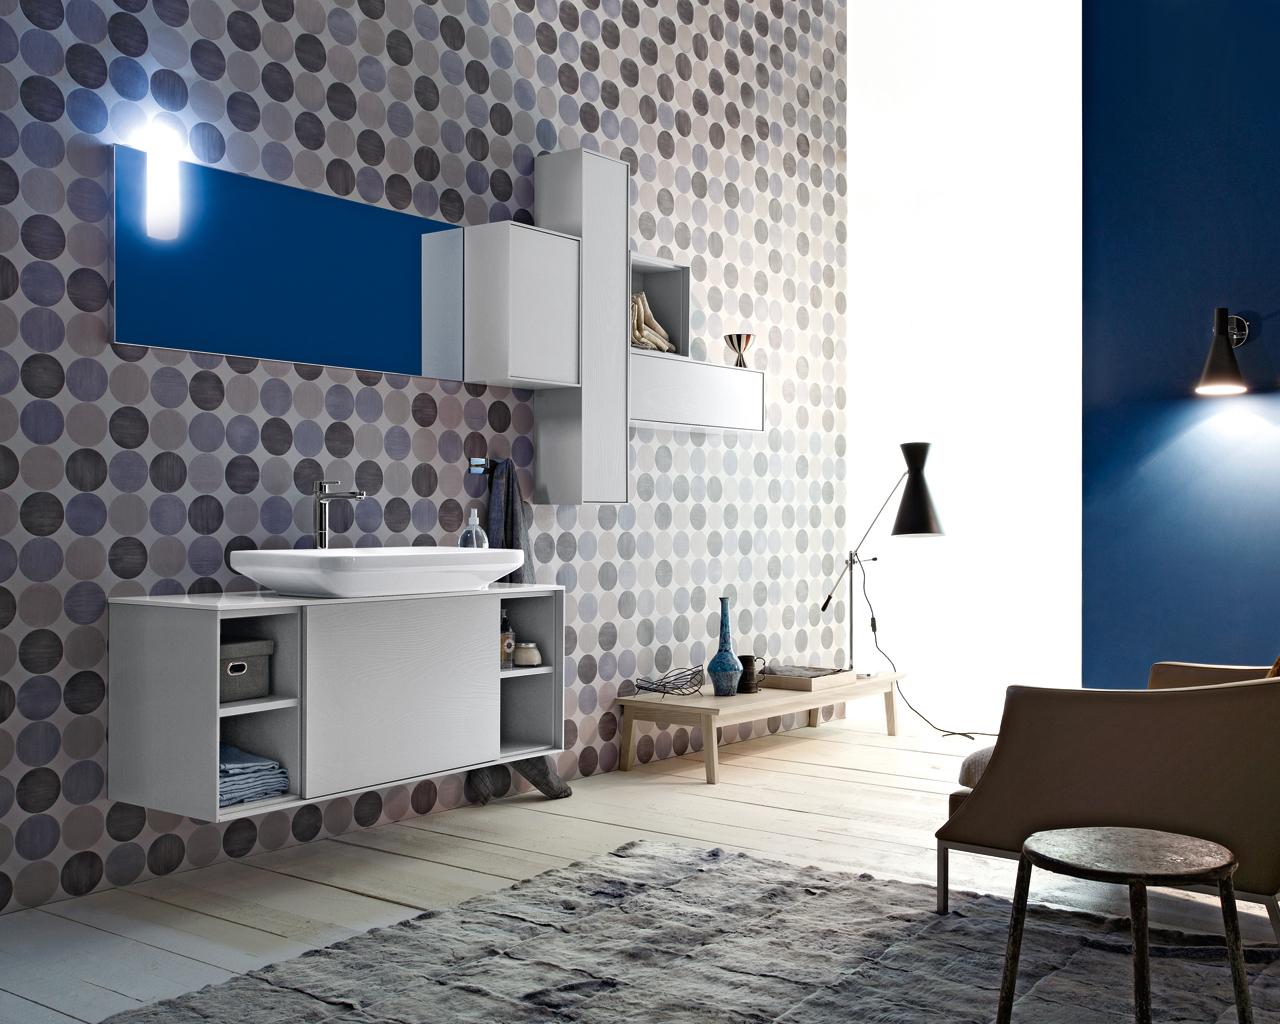 Mobili bagno retr design casa creativa e mobili ispiratori for Mobili design vintage